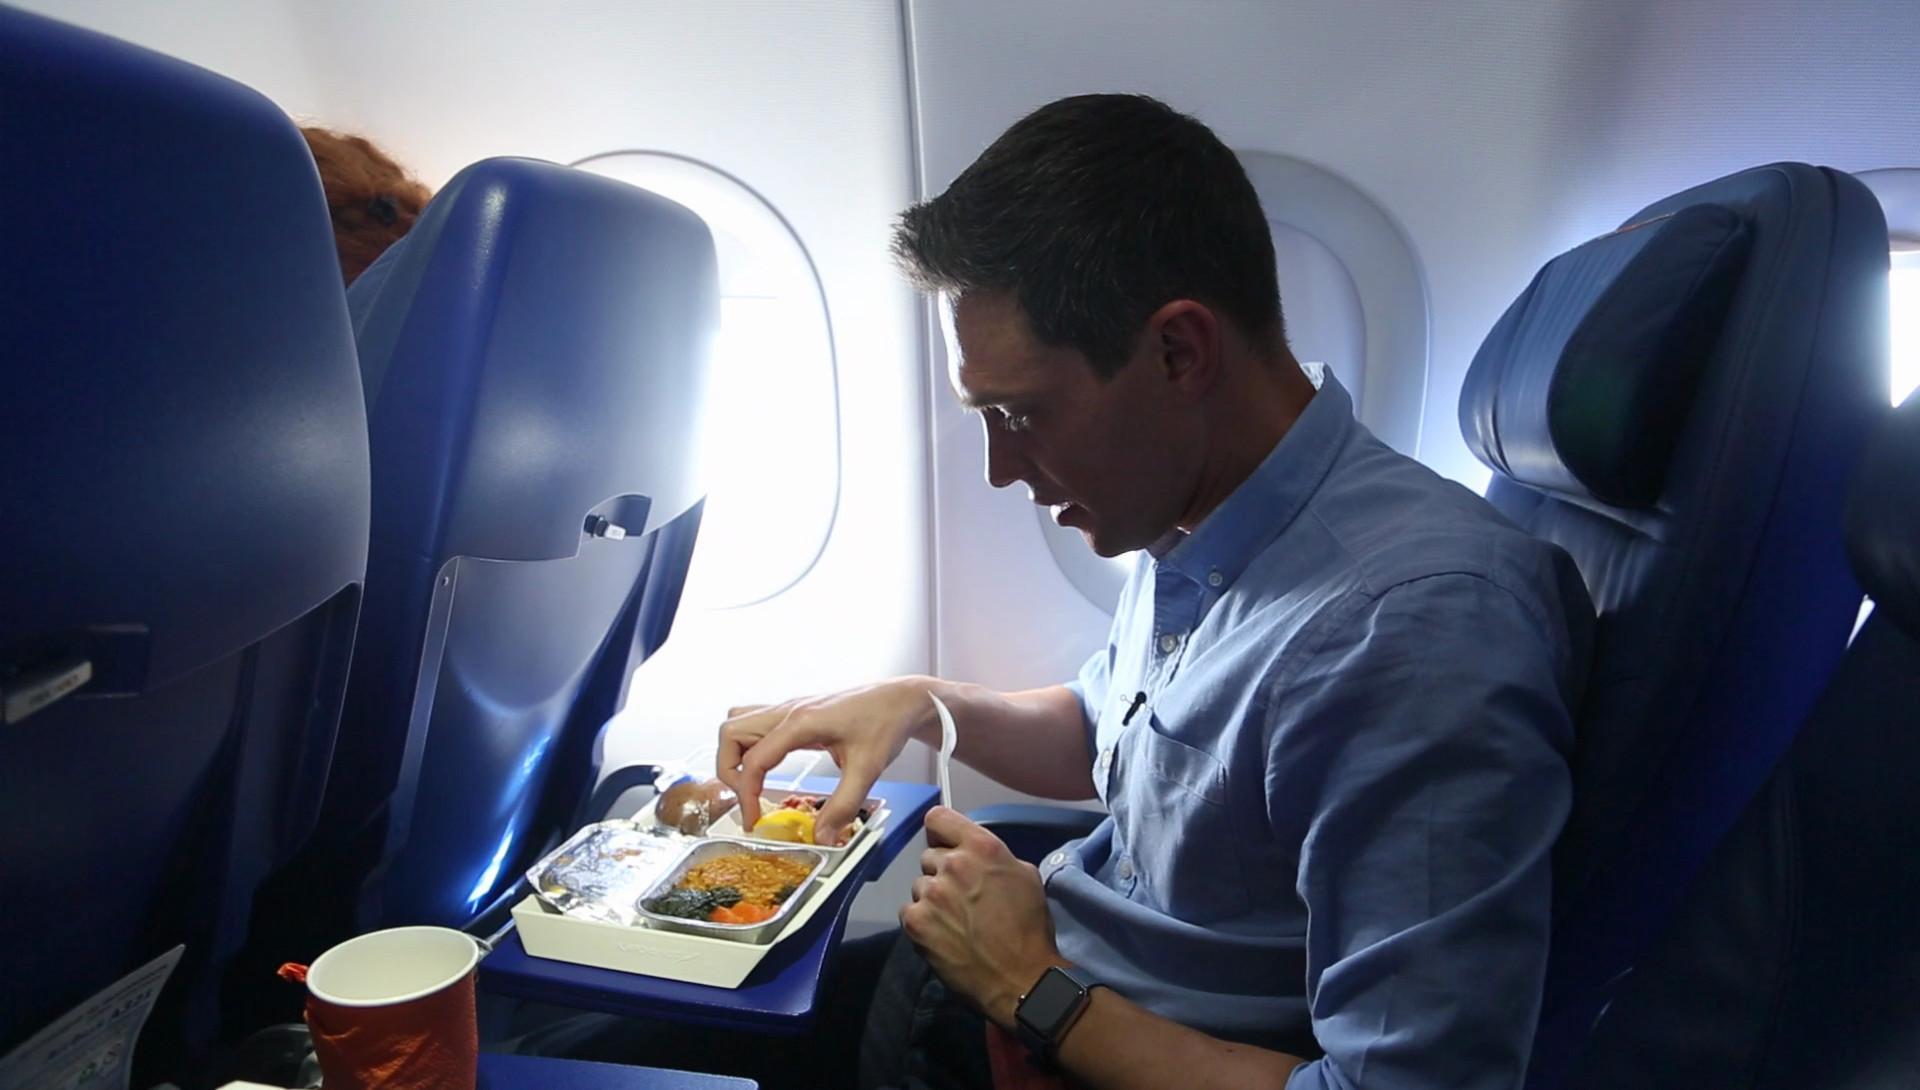 Шум в самолете оказался виновником невкусной еды